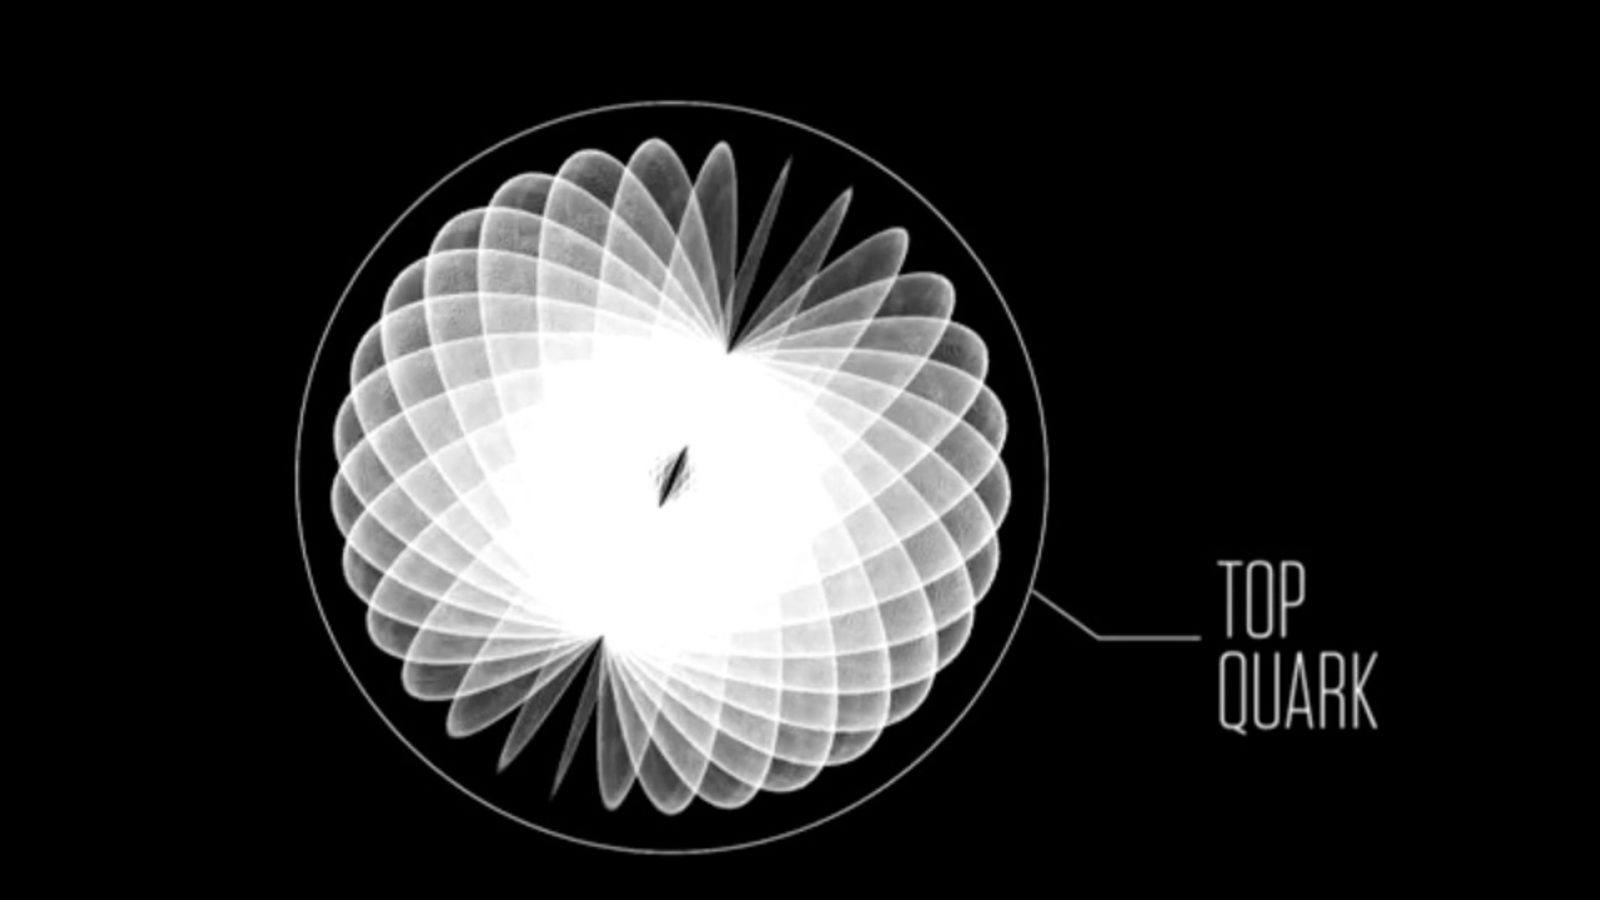 Video still image of top quark